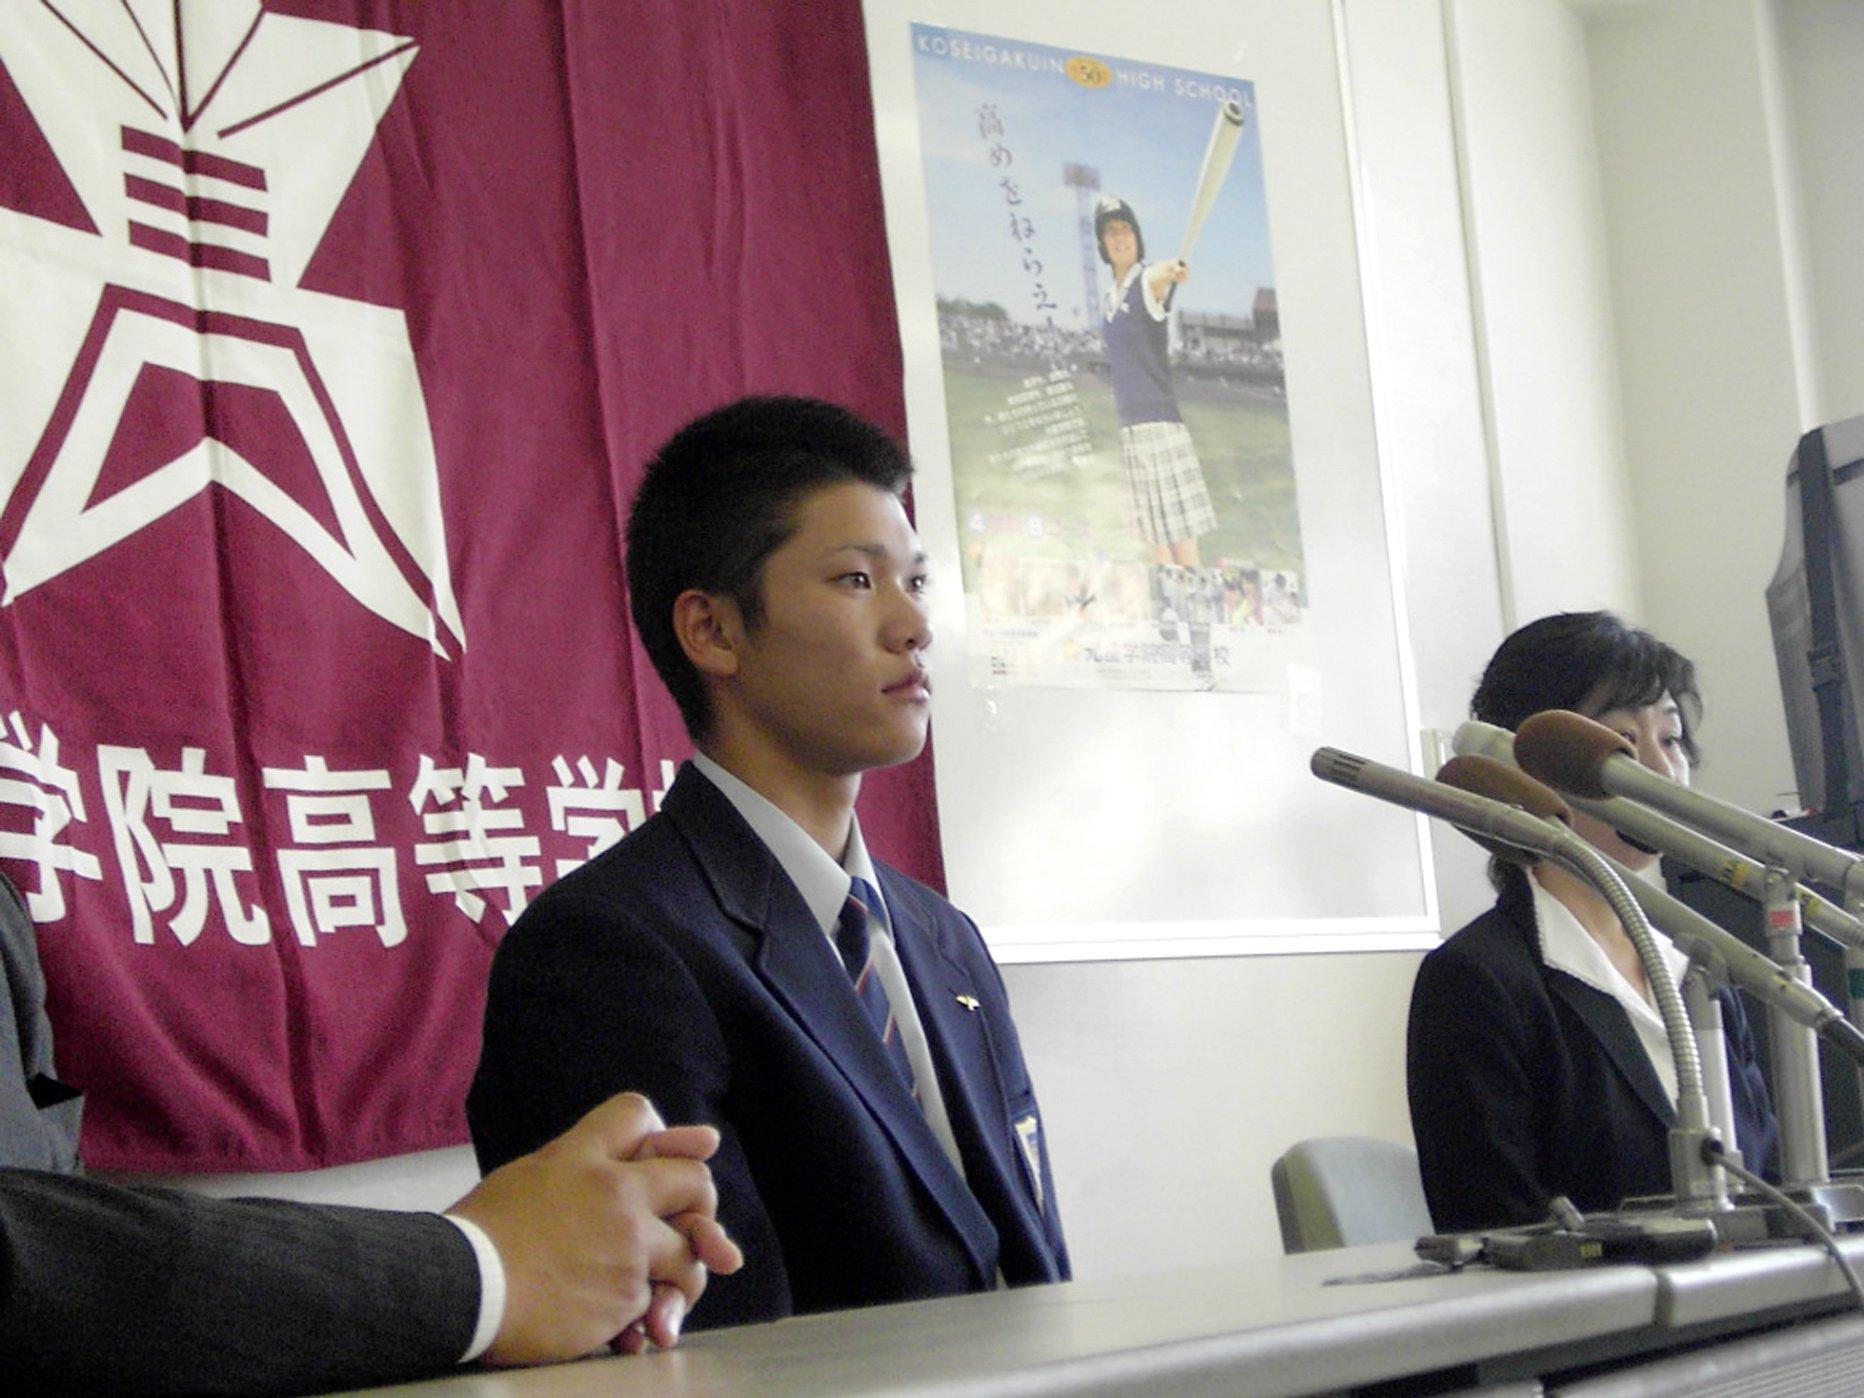 ドラフト1位指名を受けて会見に臨む高校生時代の坂本勇人 ©JIJI PRESS